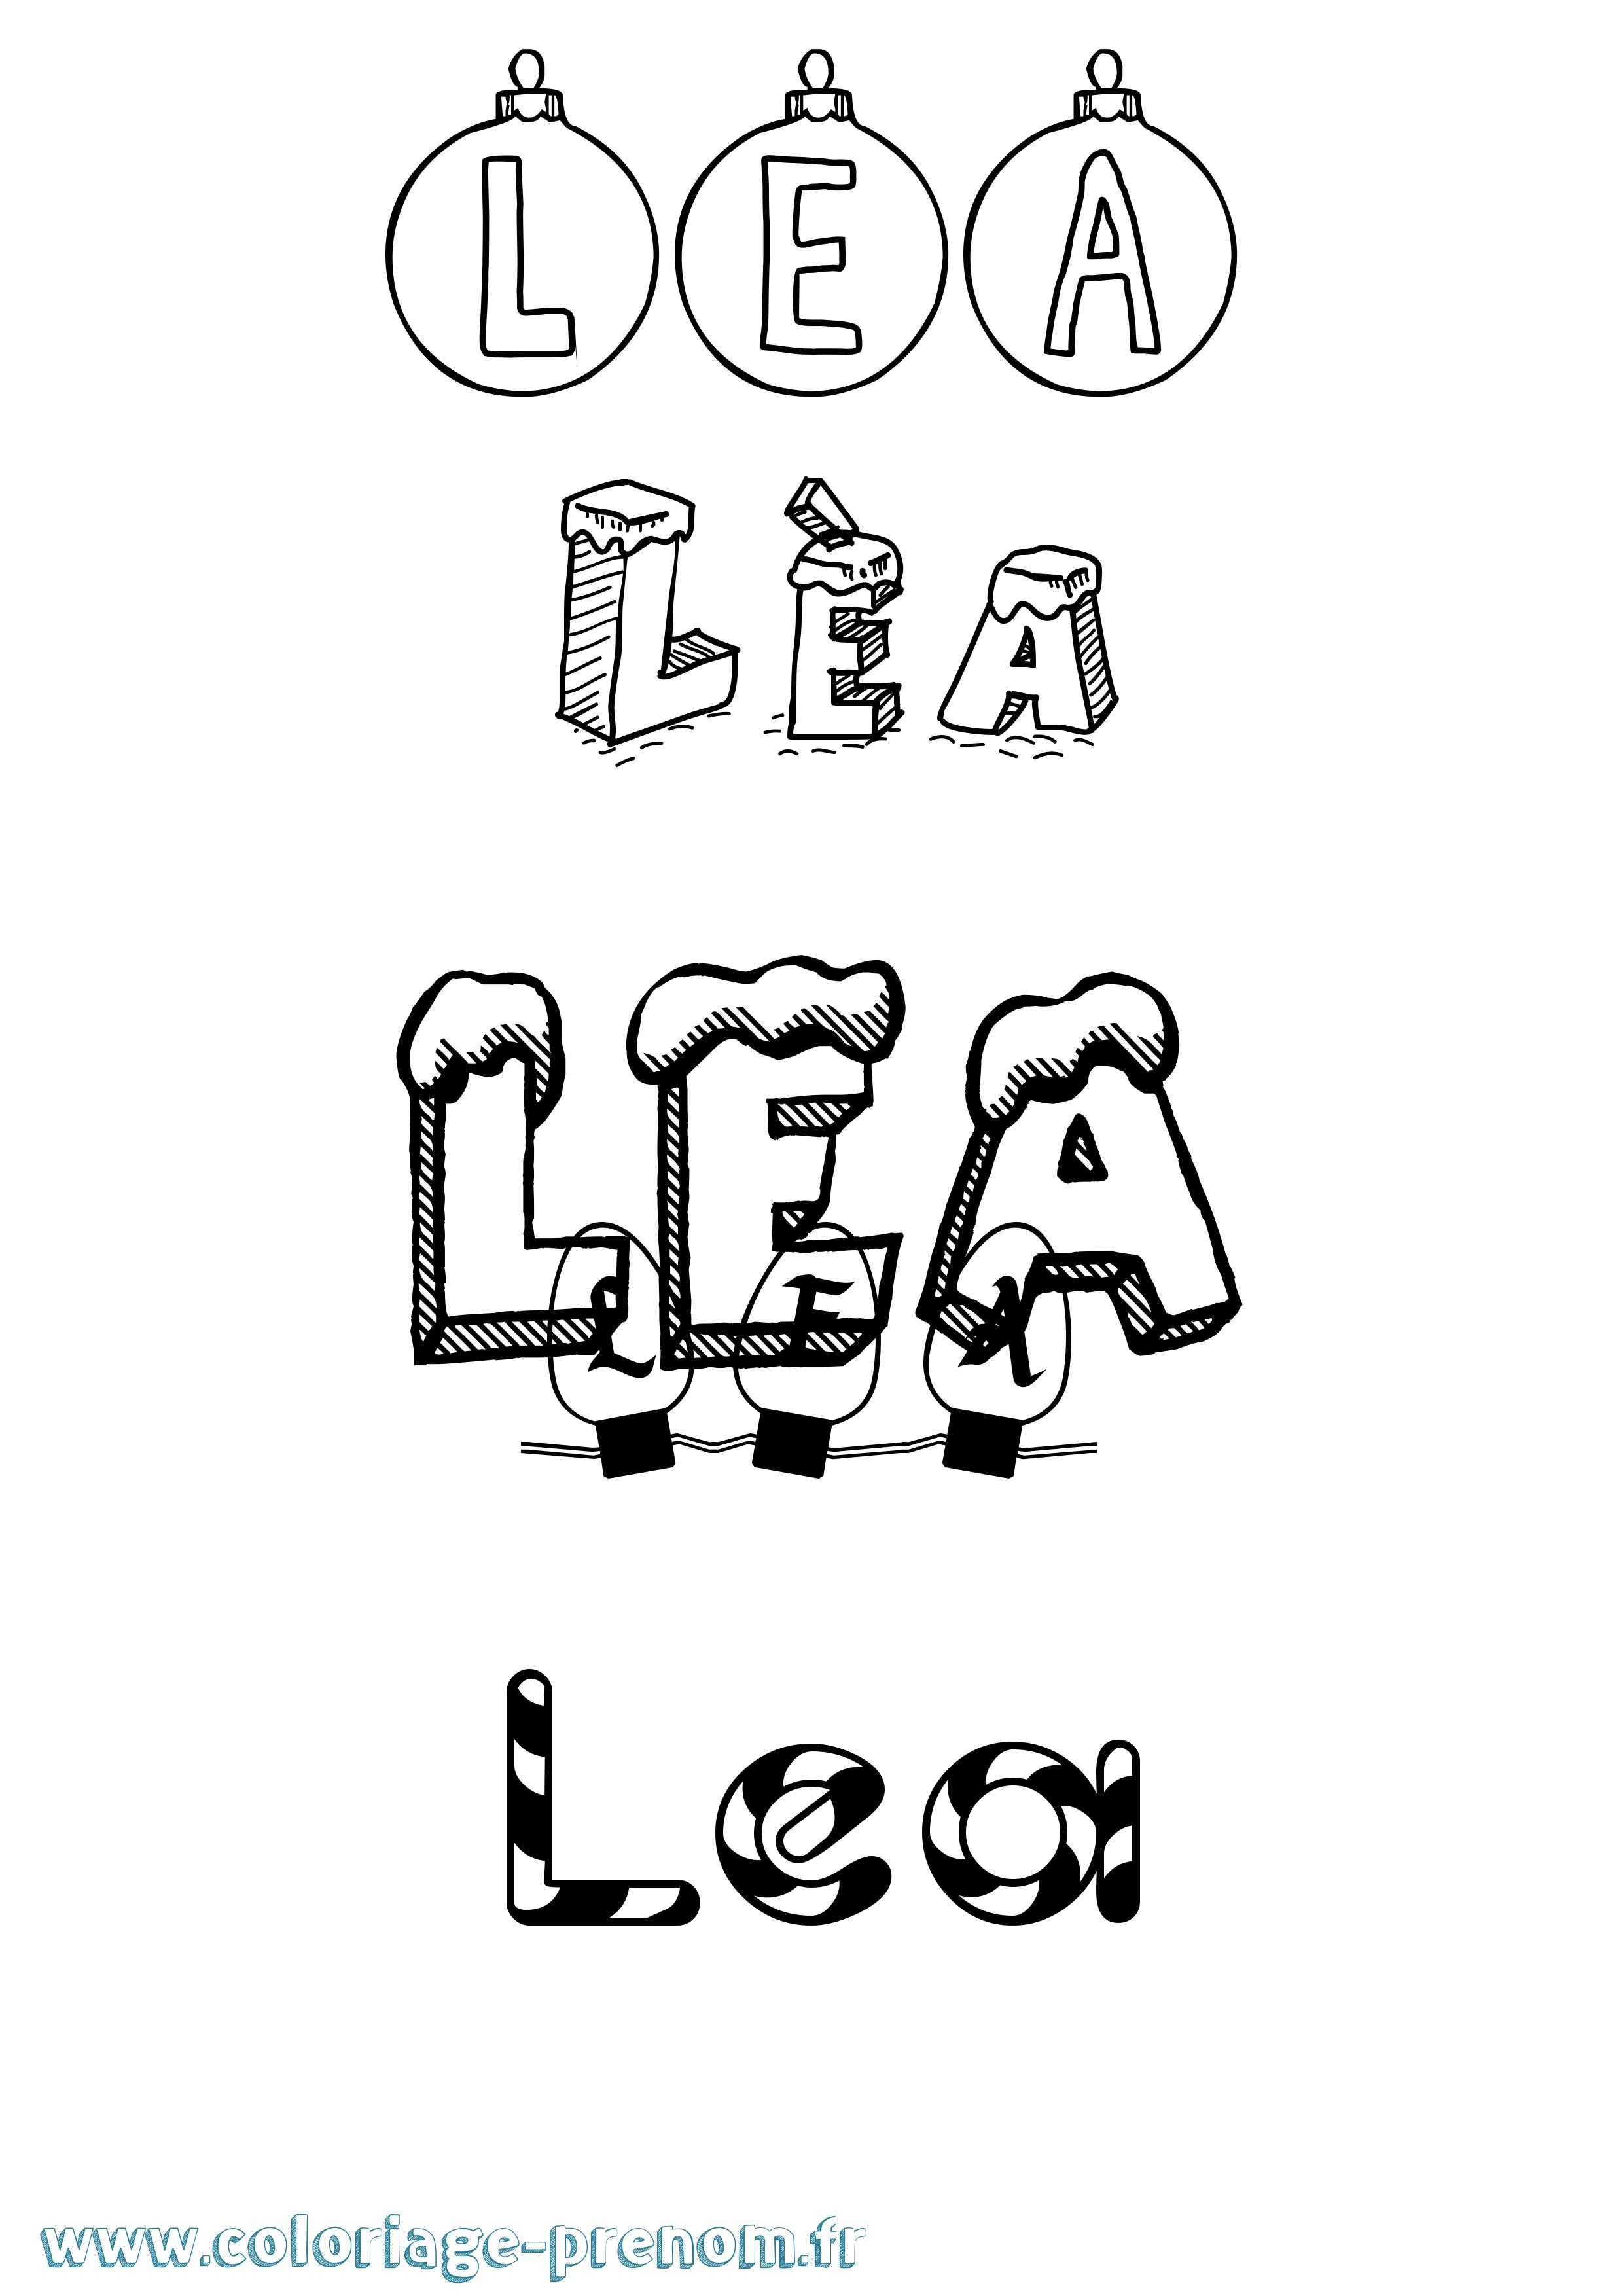 Coloriage du prénom Lèa : à Imprimer ou Télécharger facilement